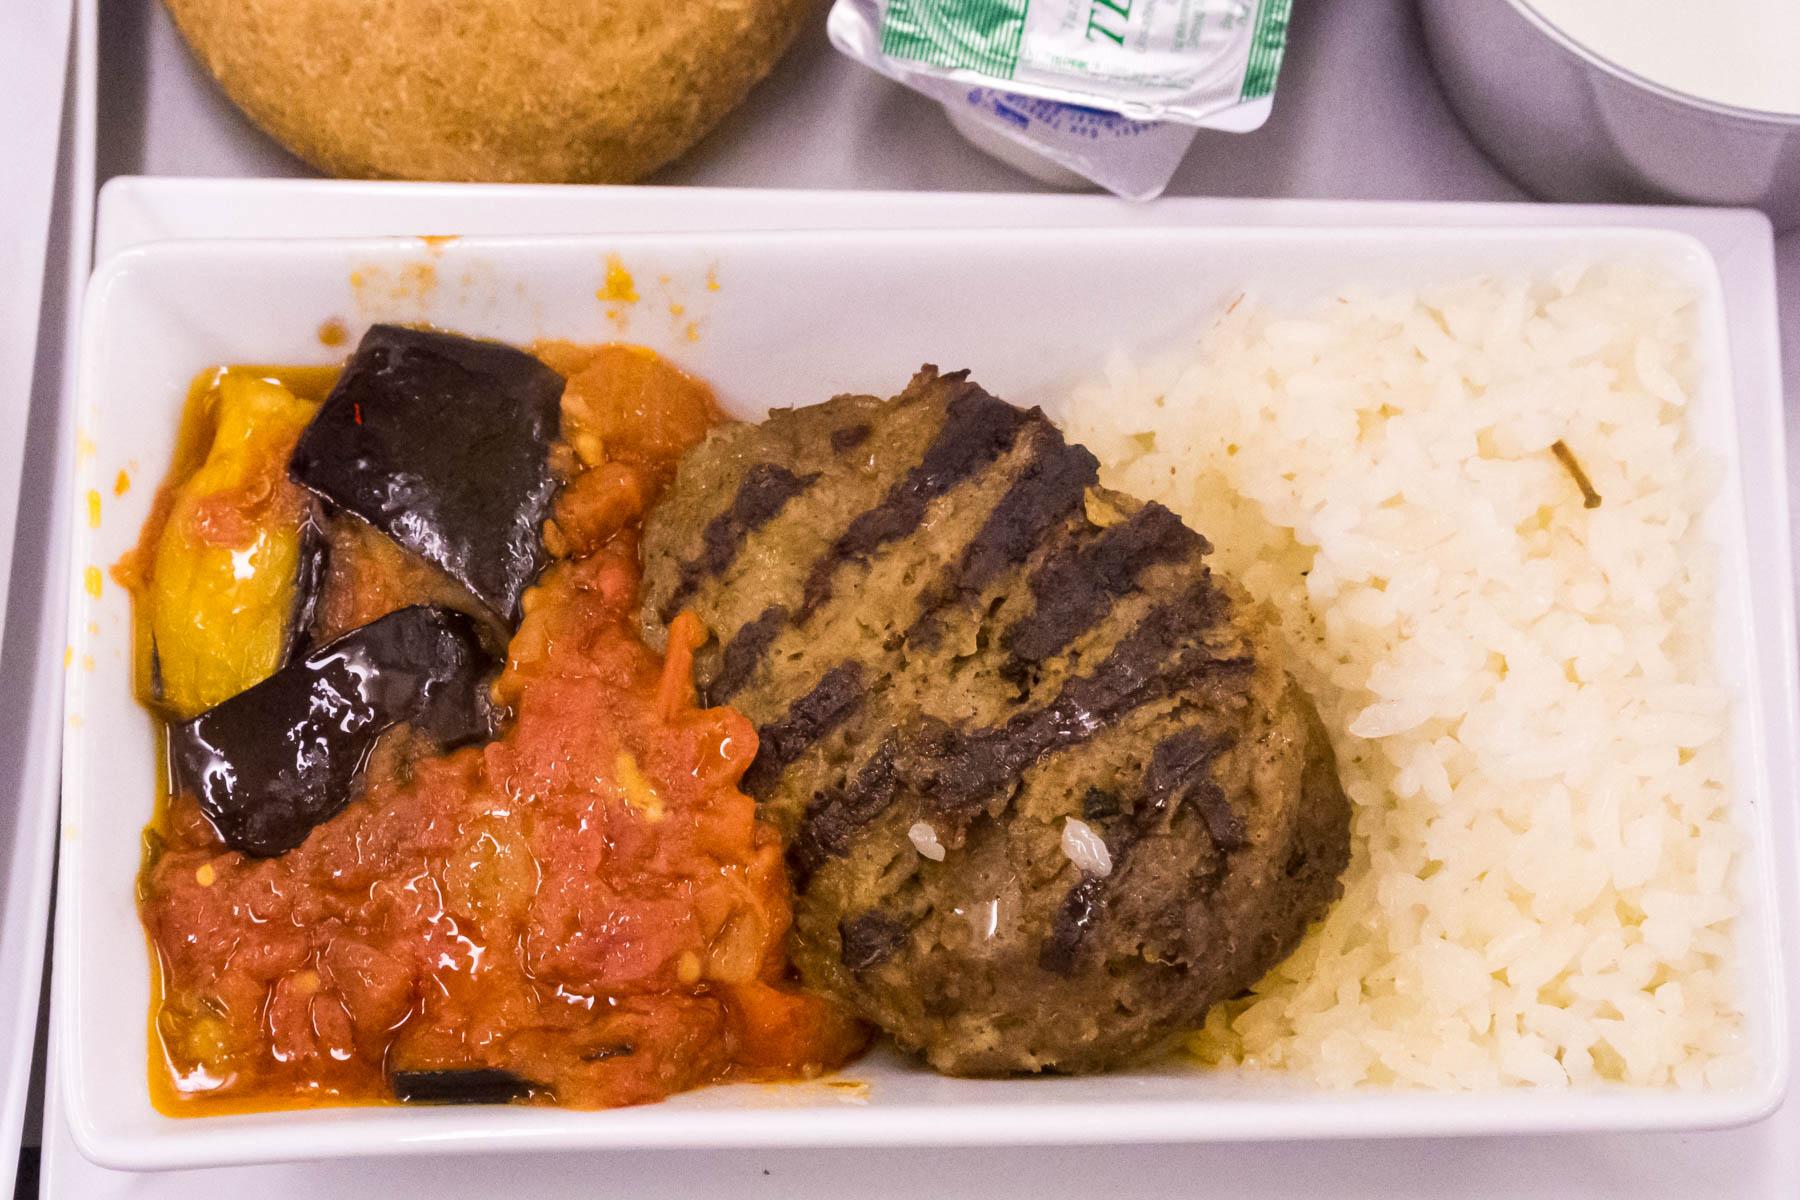 人生で一番美味しかったトルコ航空の機内食ビーフハンバーグ 撮影:NIKON1 V1 + 1 NIKKOR 10-30mm